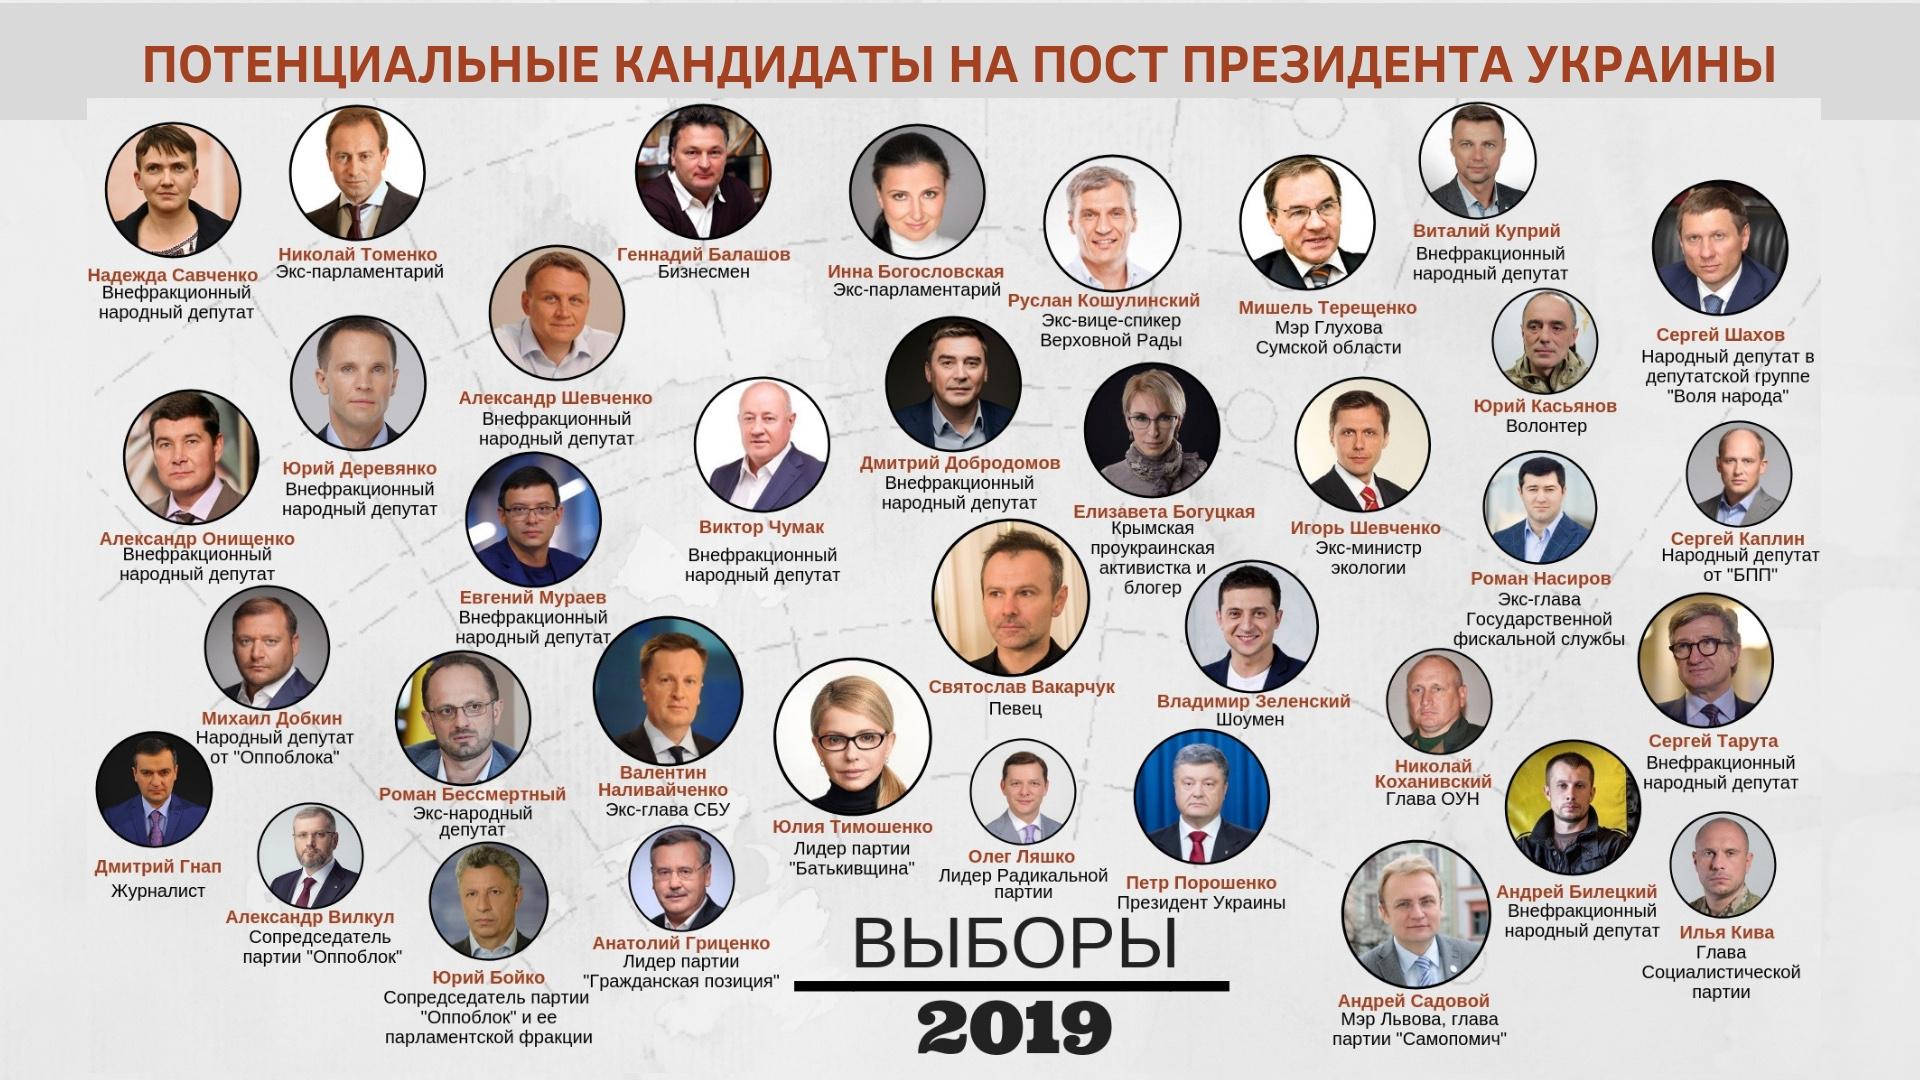 """Выборы президента Украины: тройка лидеров, рейтинг кандидатов, полный список, кто победит, правдивы ли рейтинги кандидатов"""""""